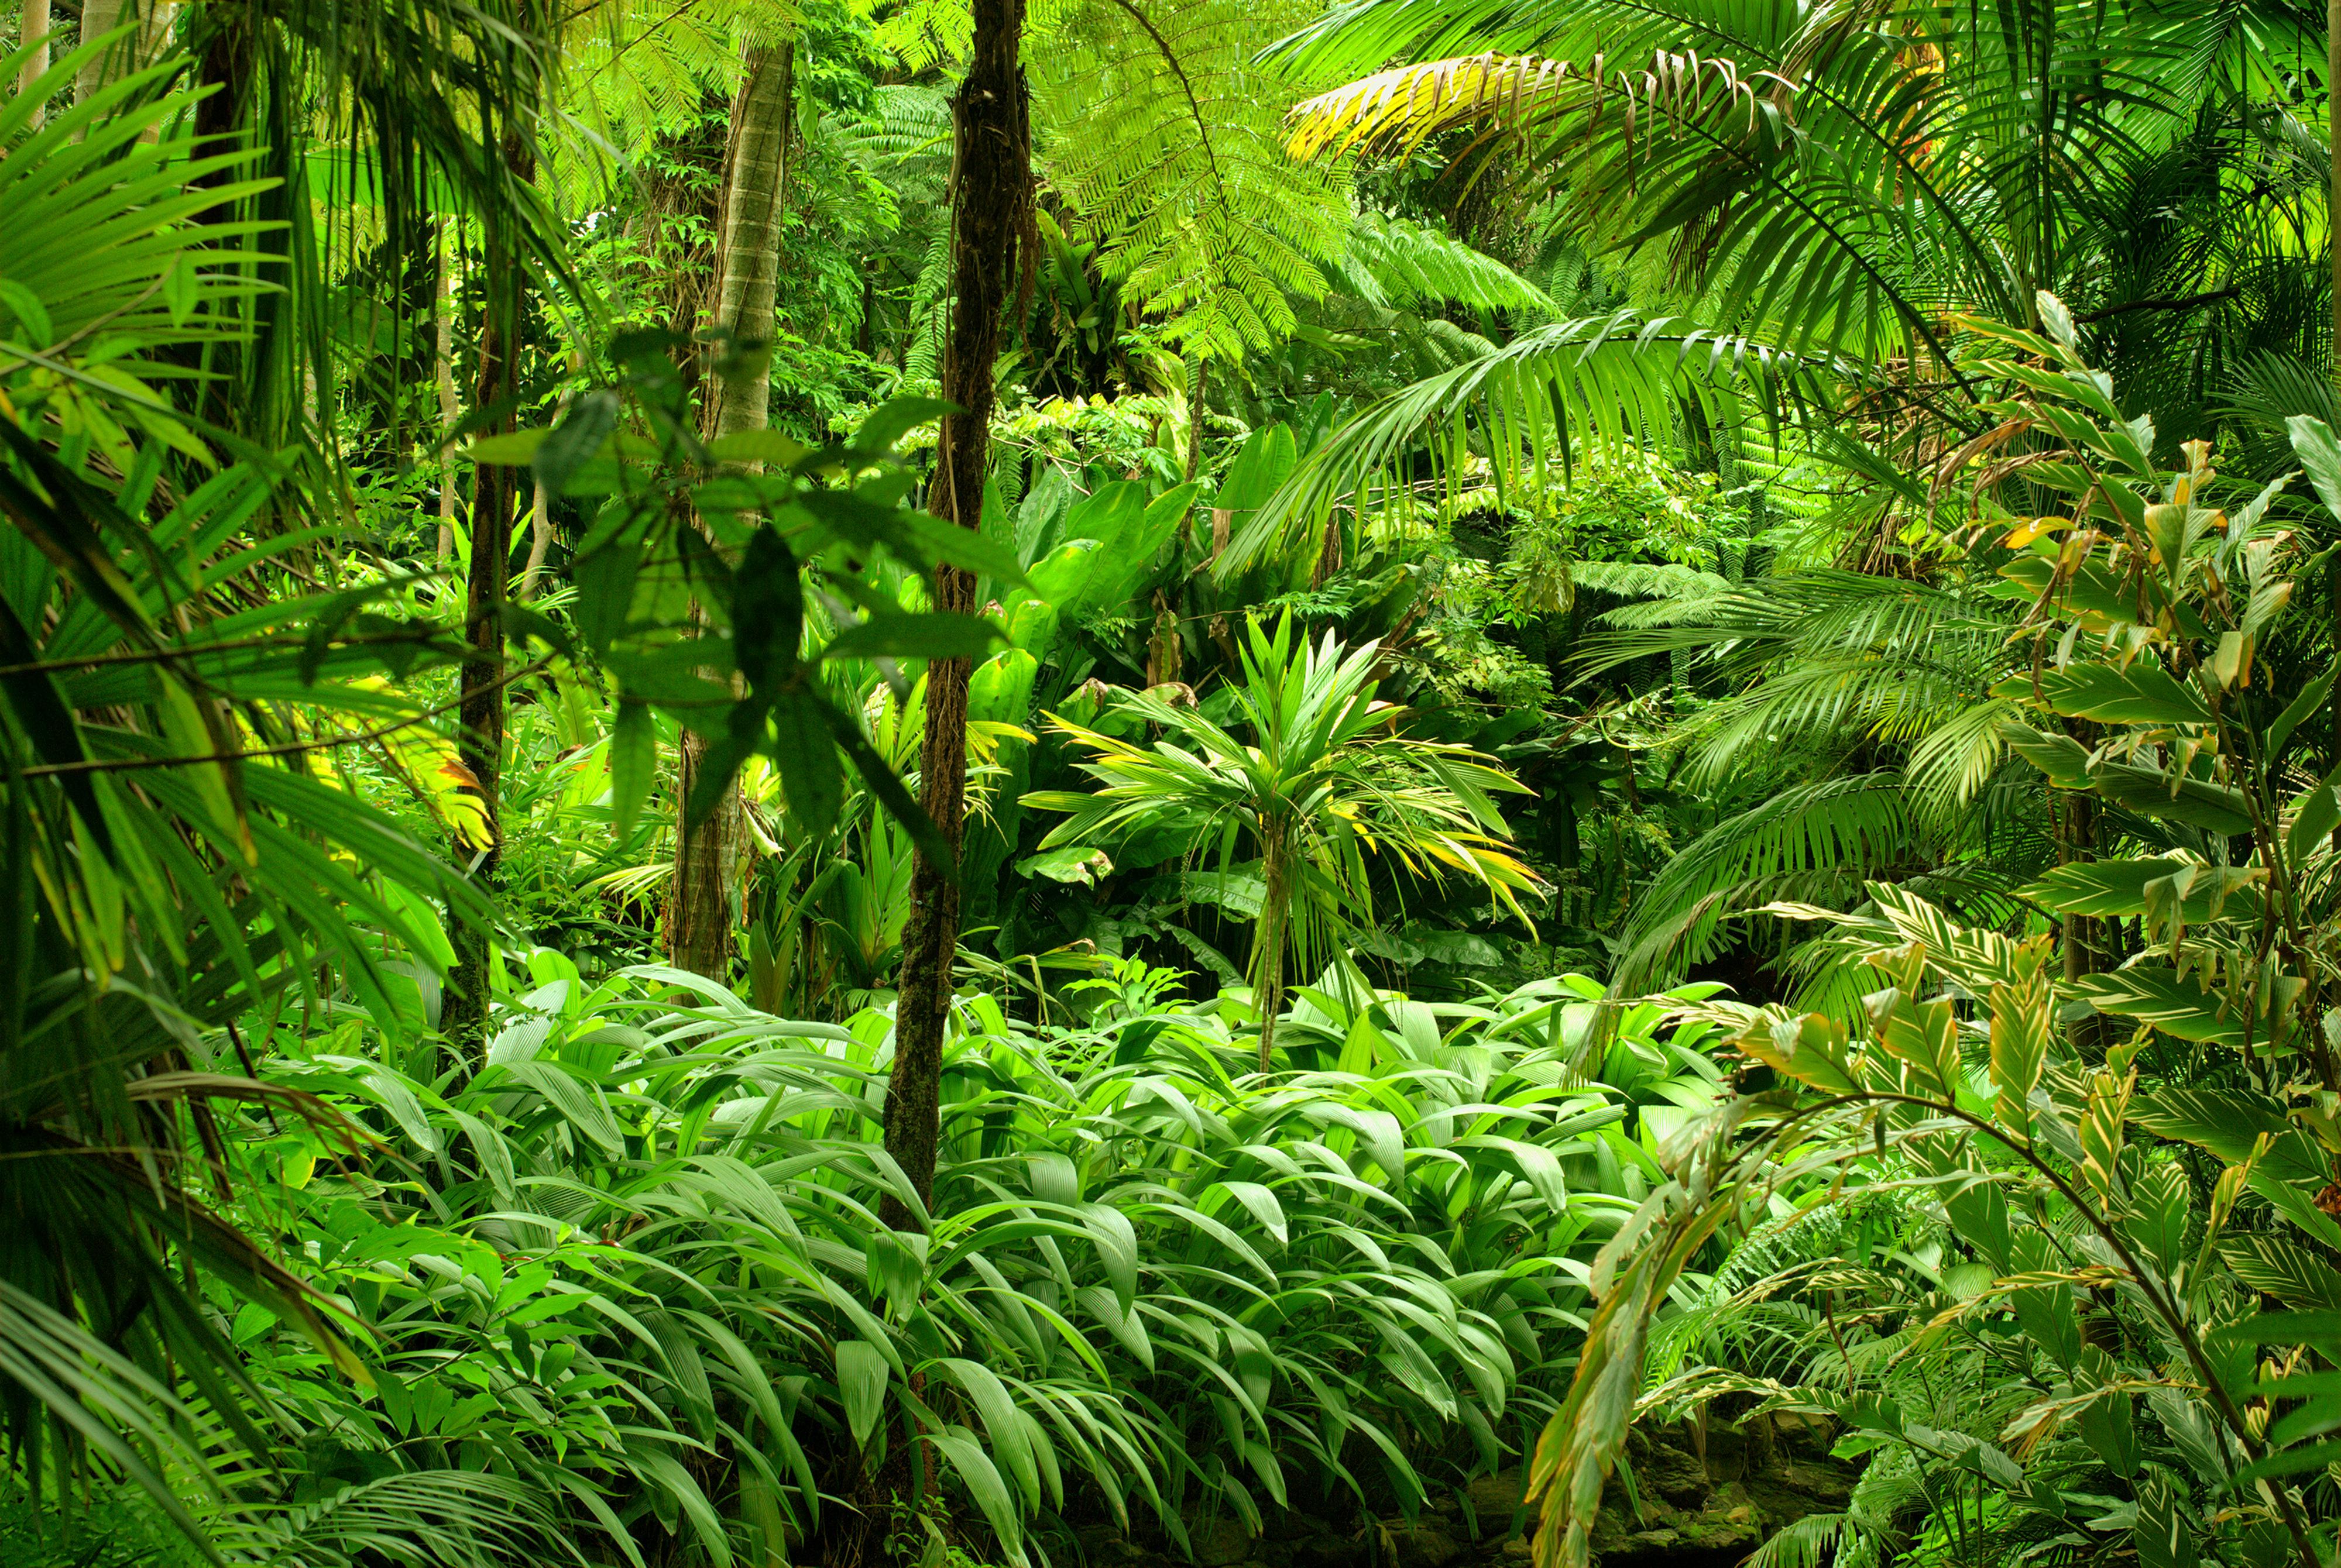 Dschungel Hd